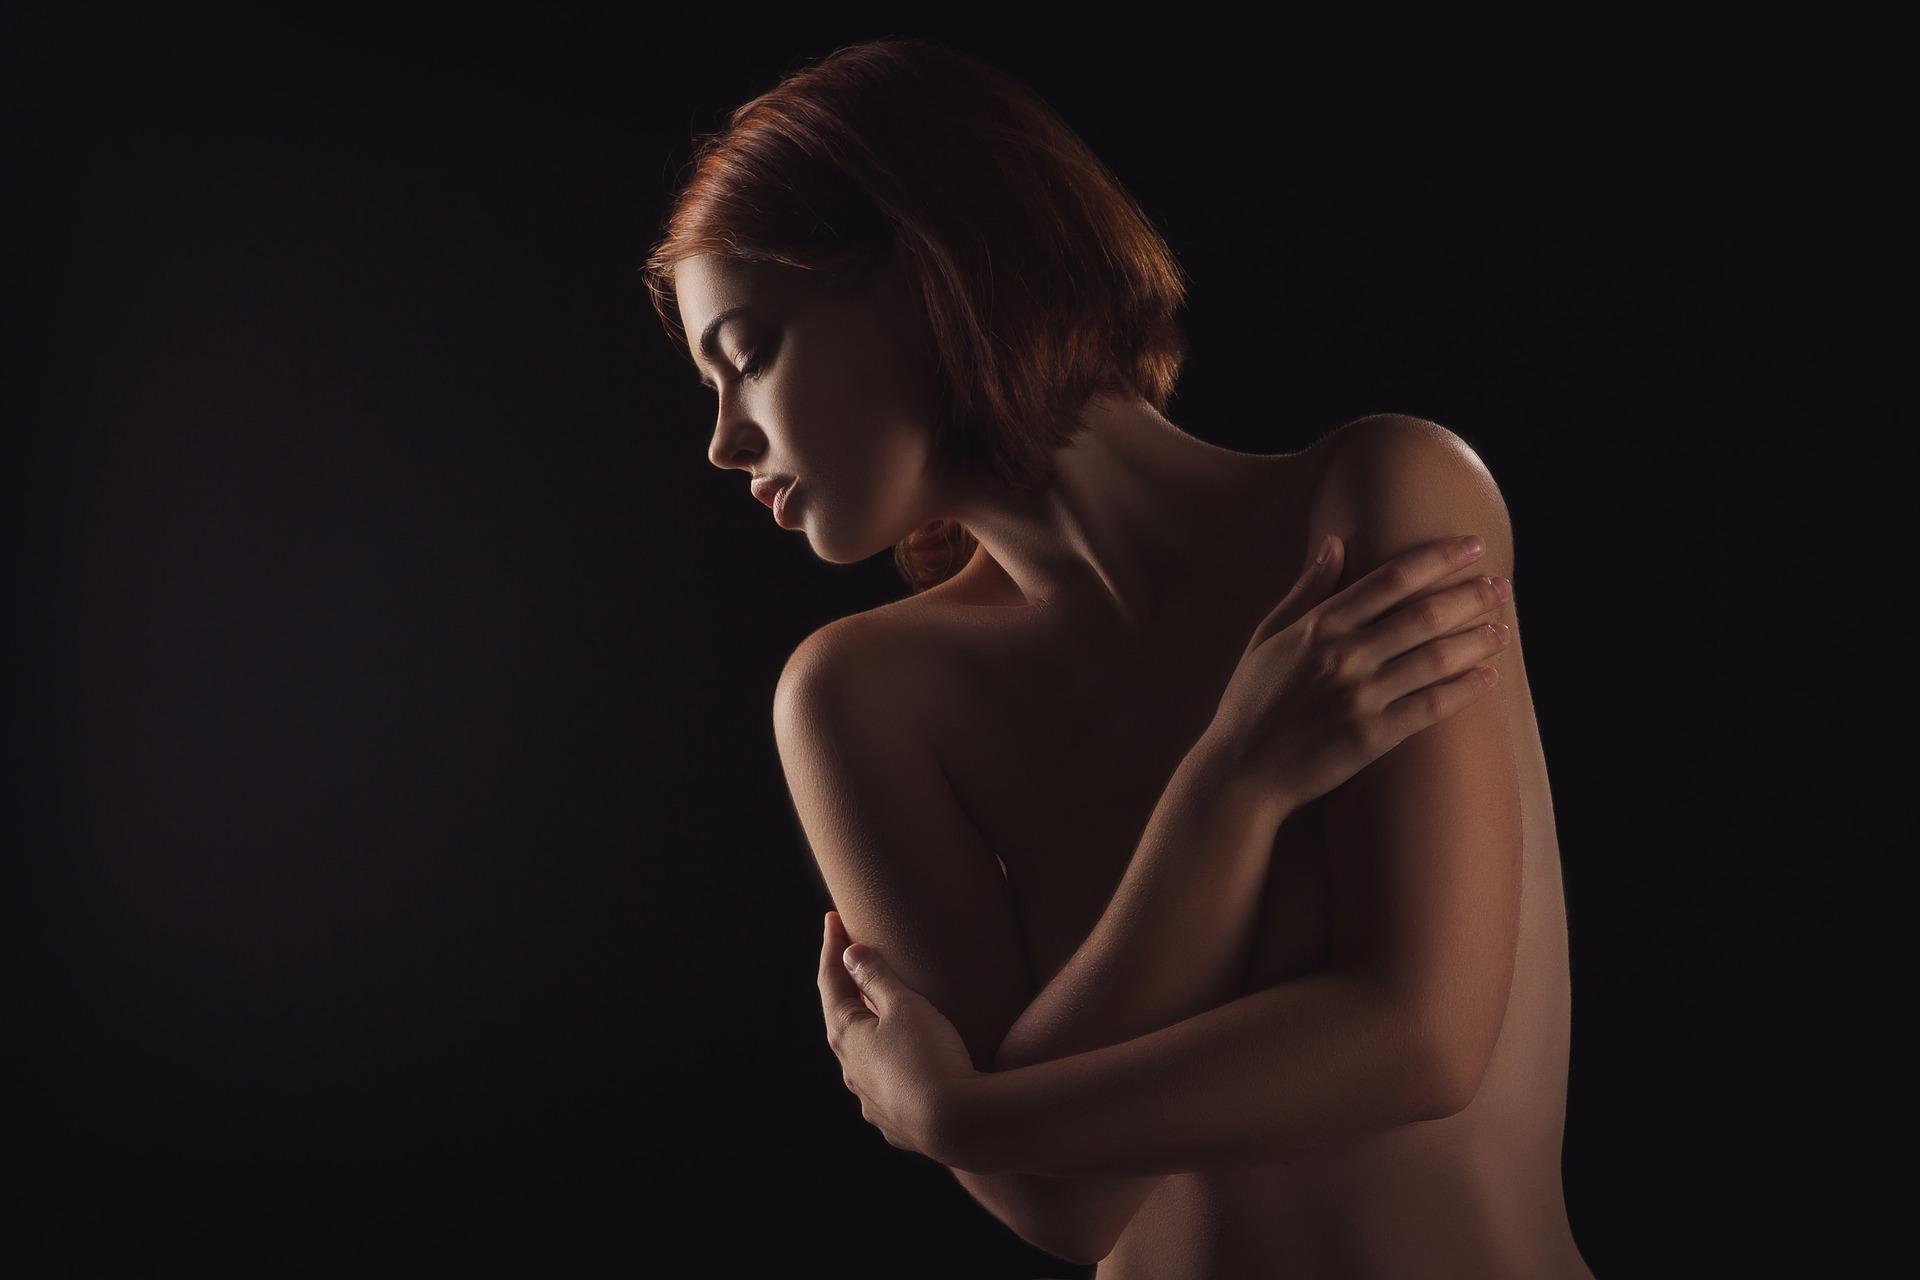 ヌードモデルの女性の画像